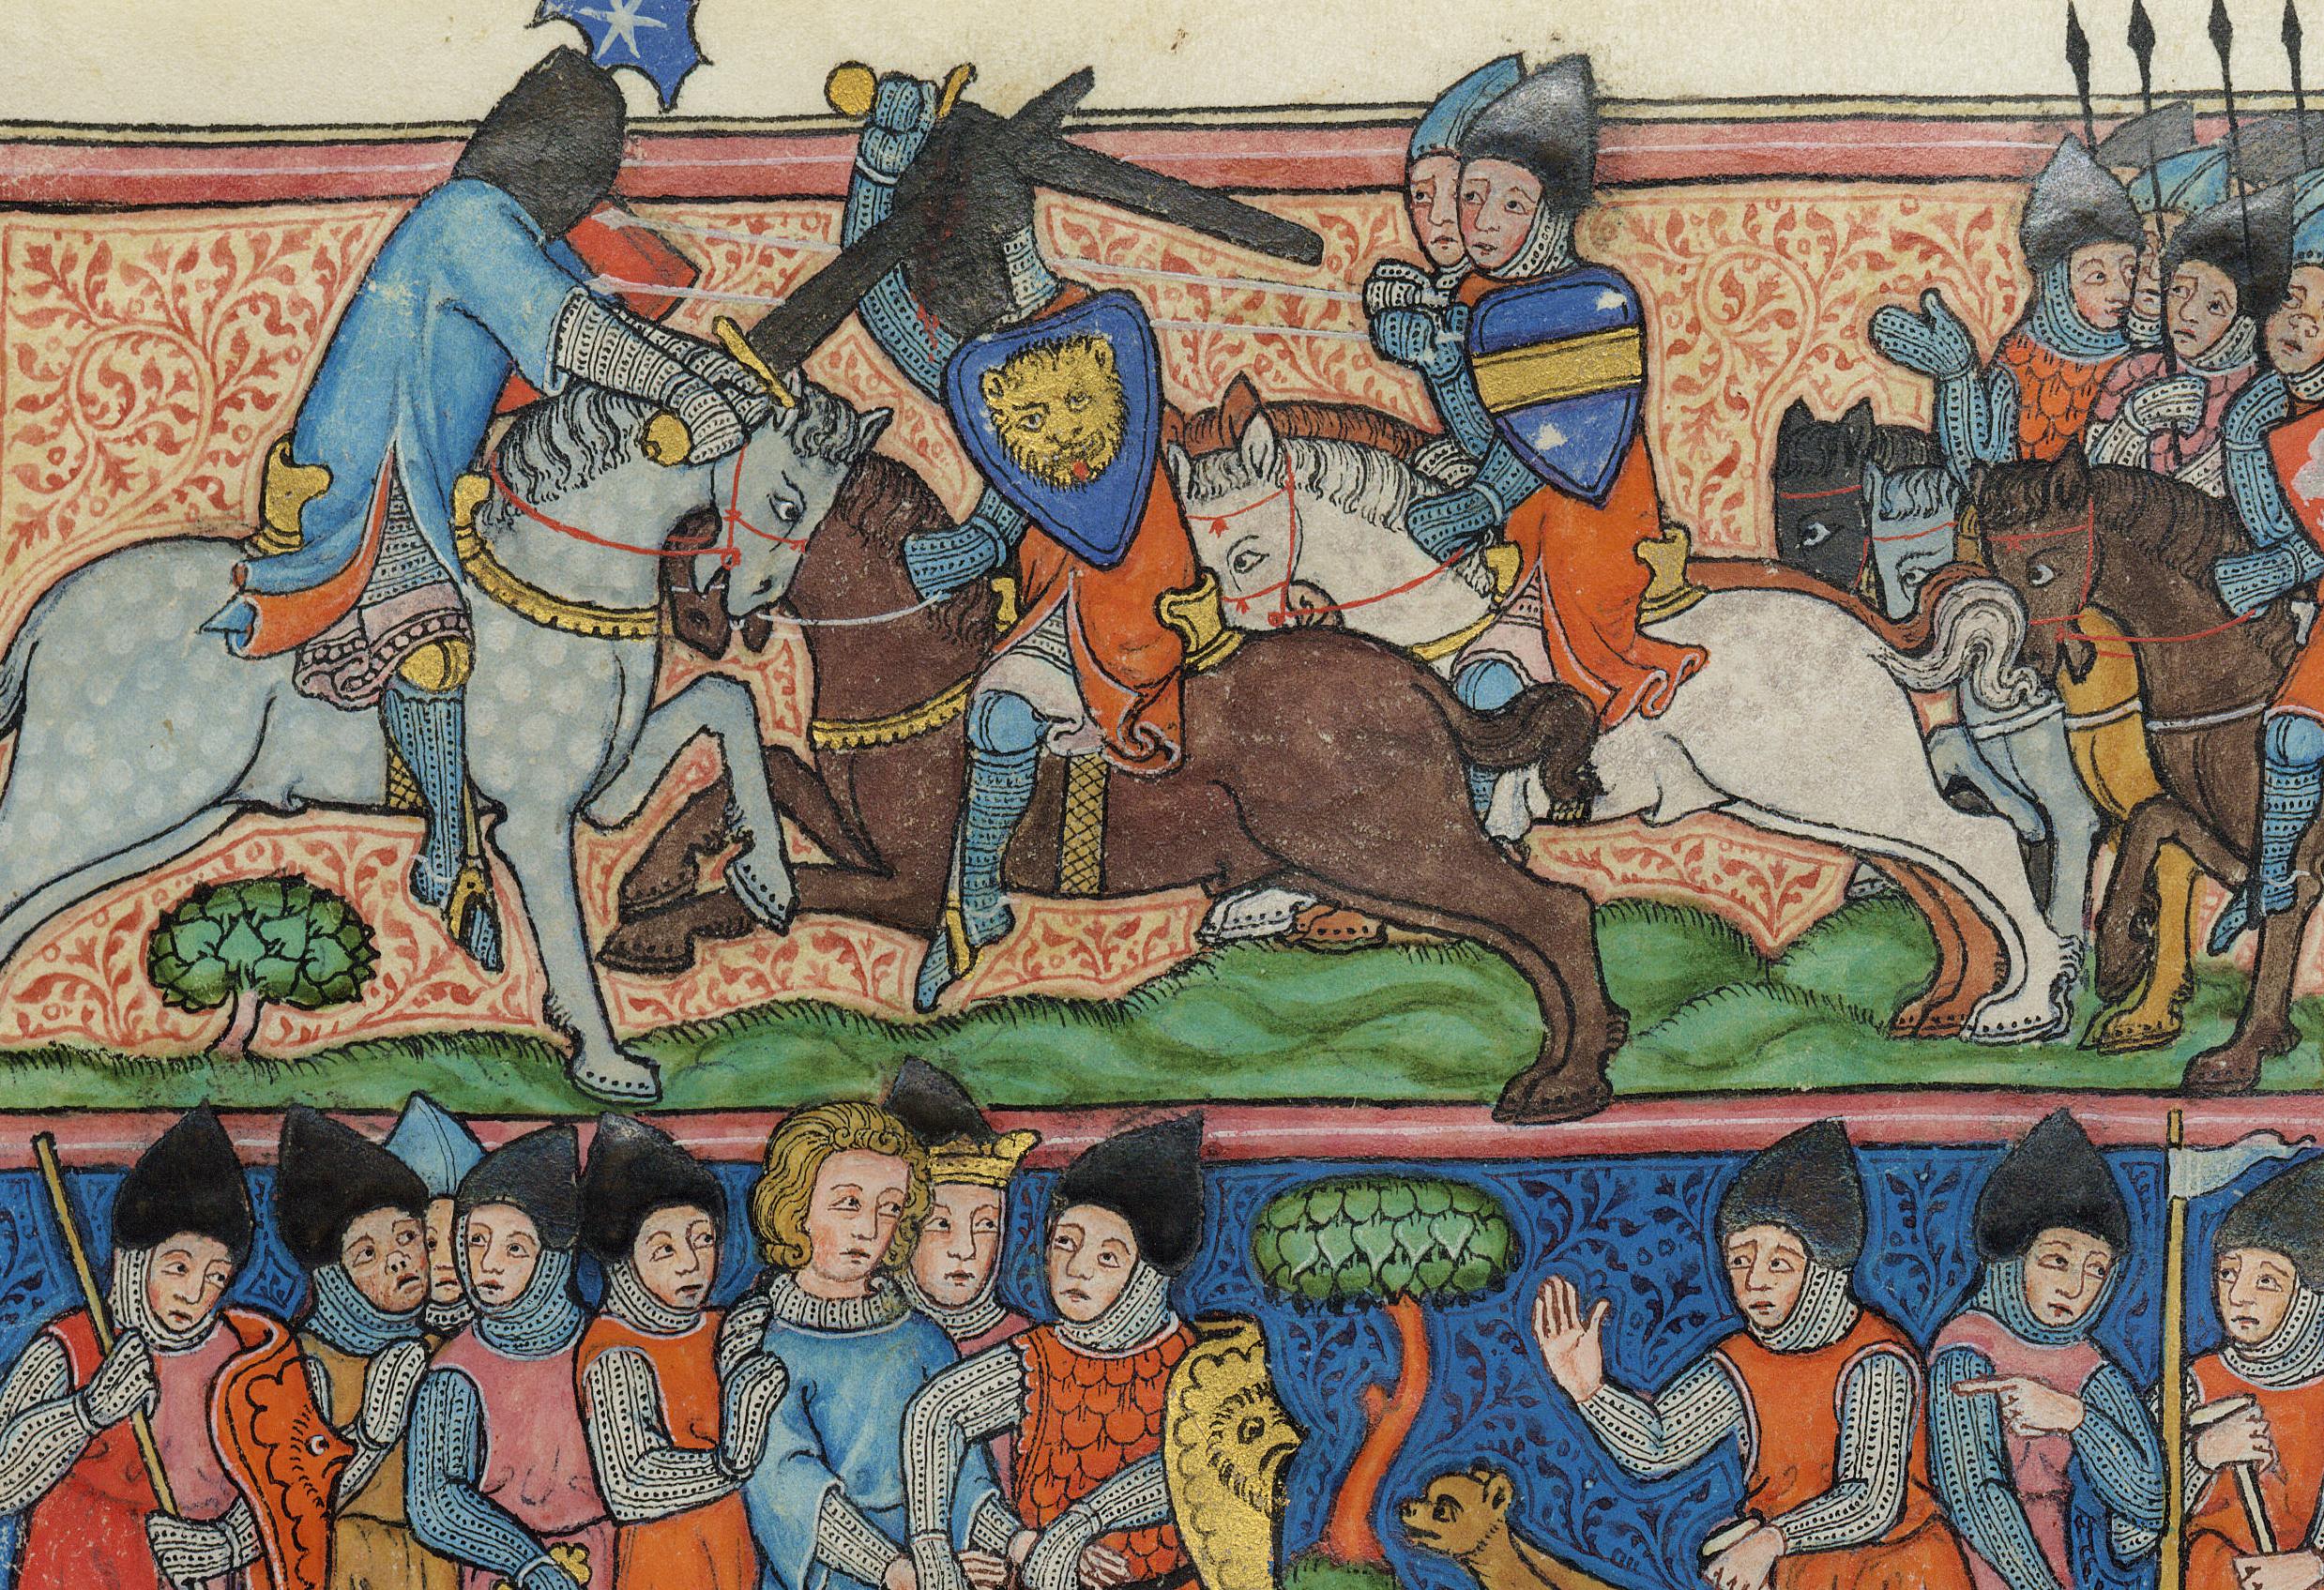 medieval depiction of franks fighting saracens